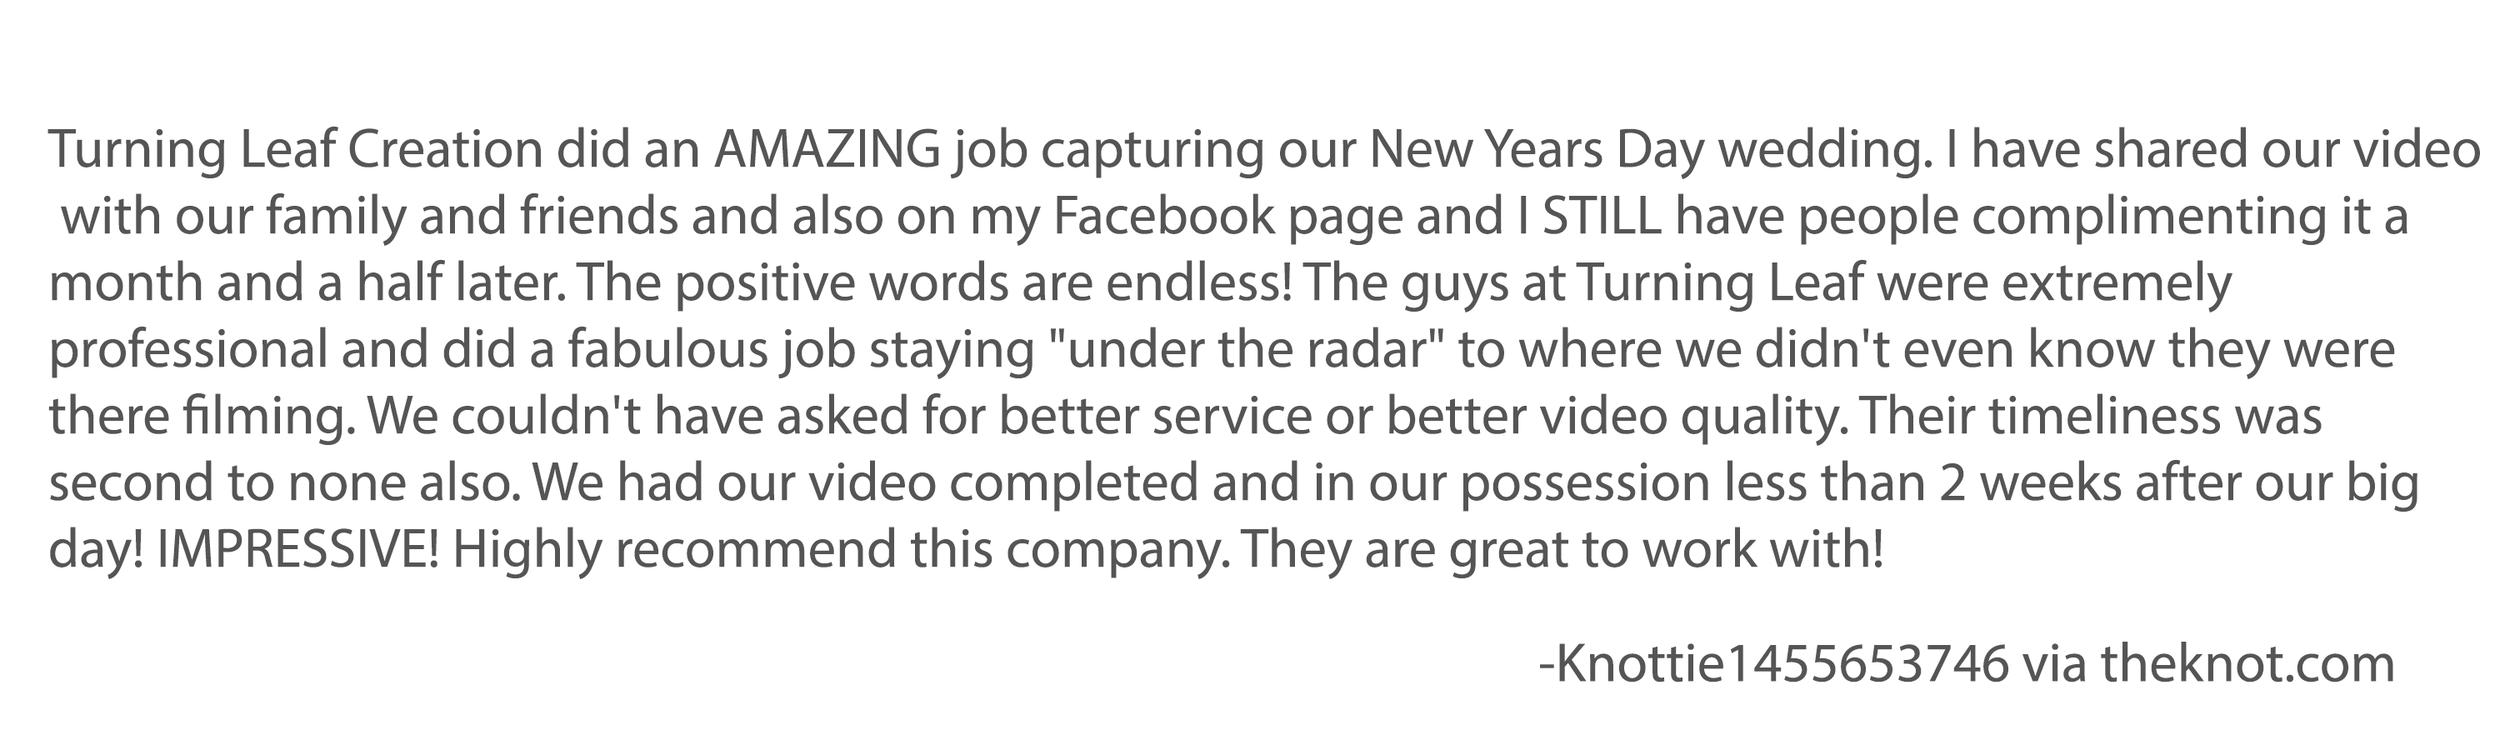 Knottie Review